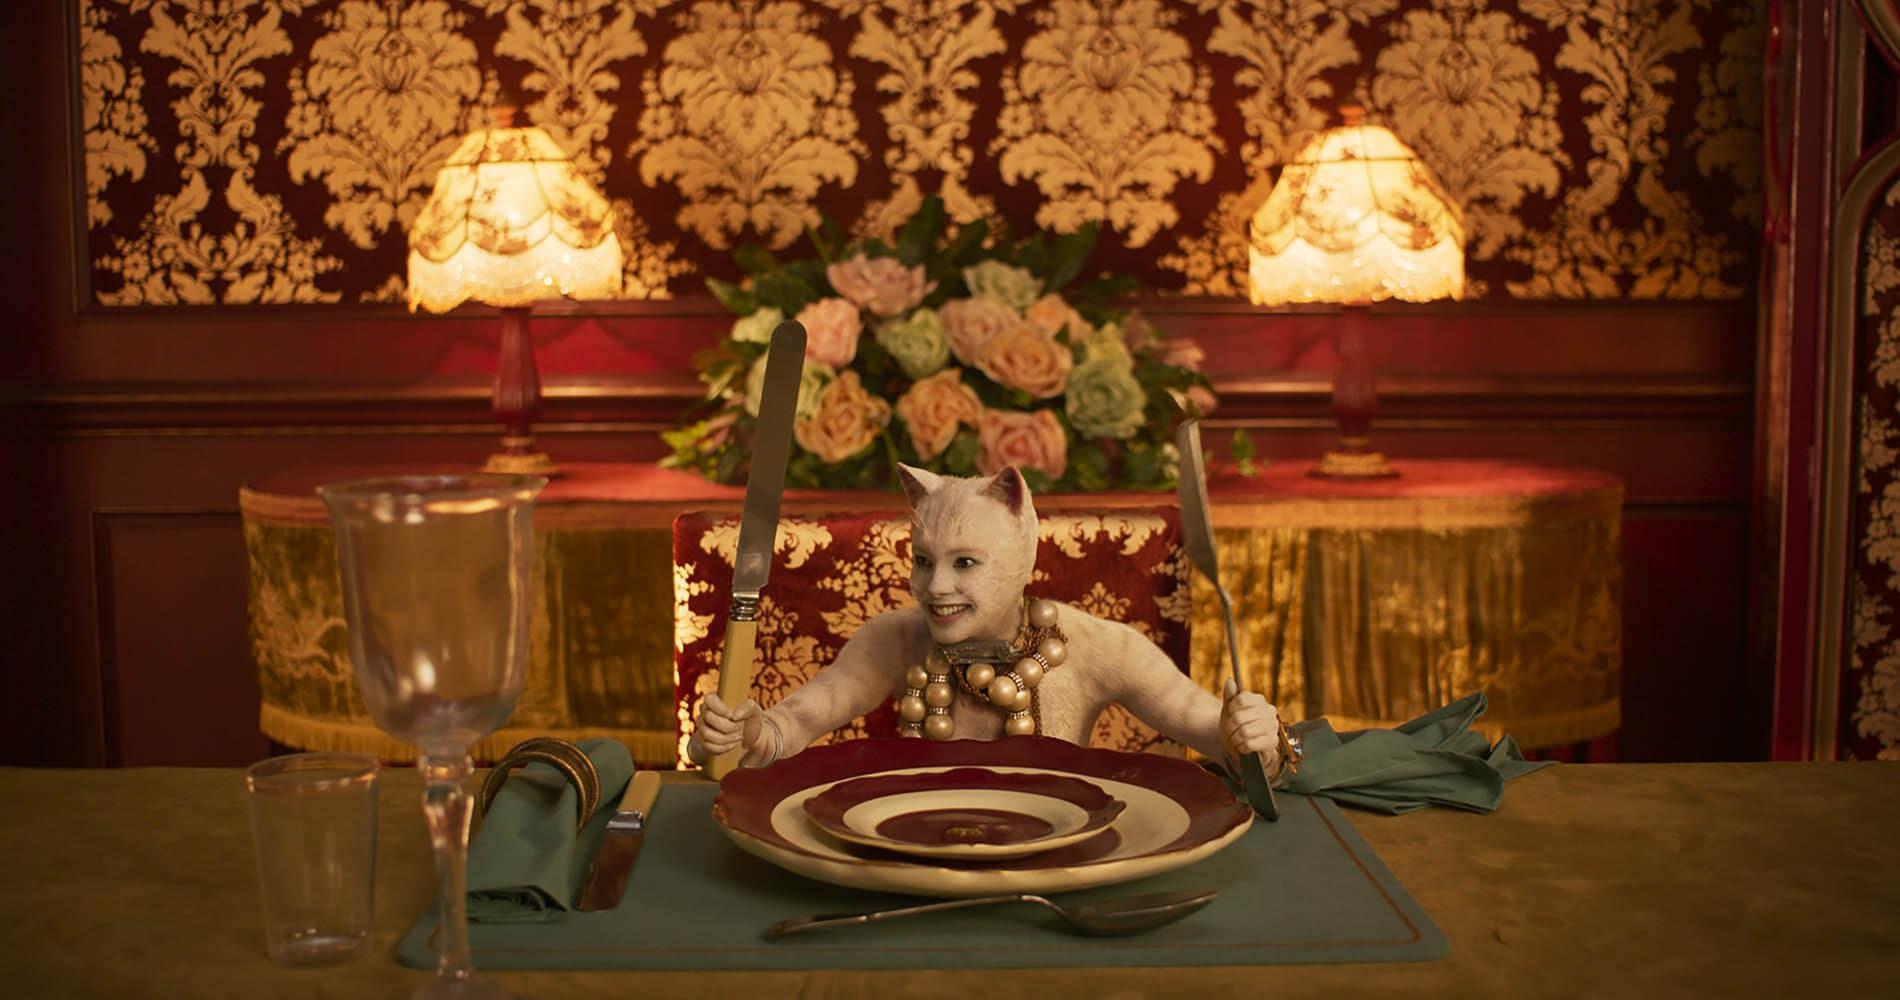 Divirta-se com os principais reviews do filme Cats